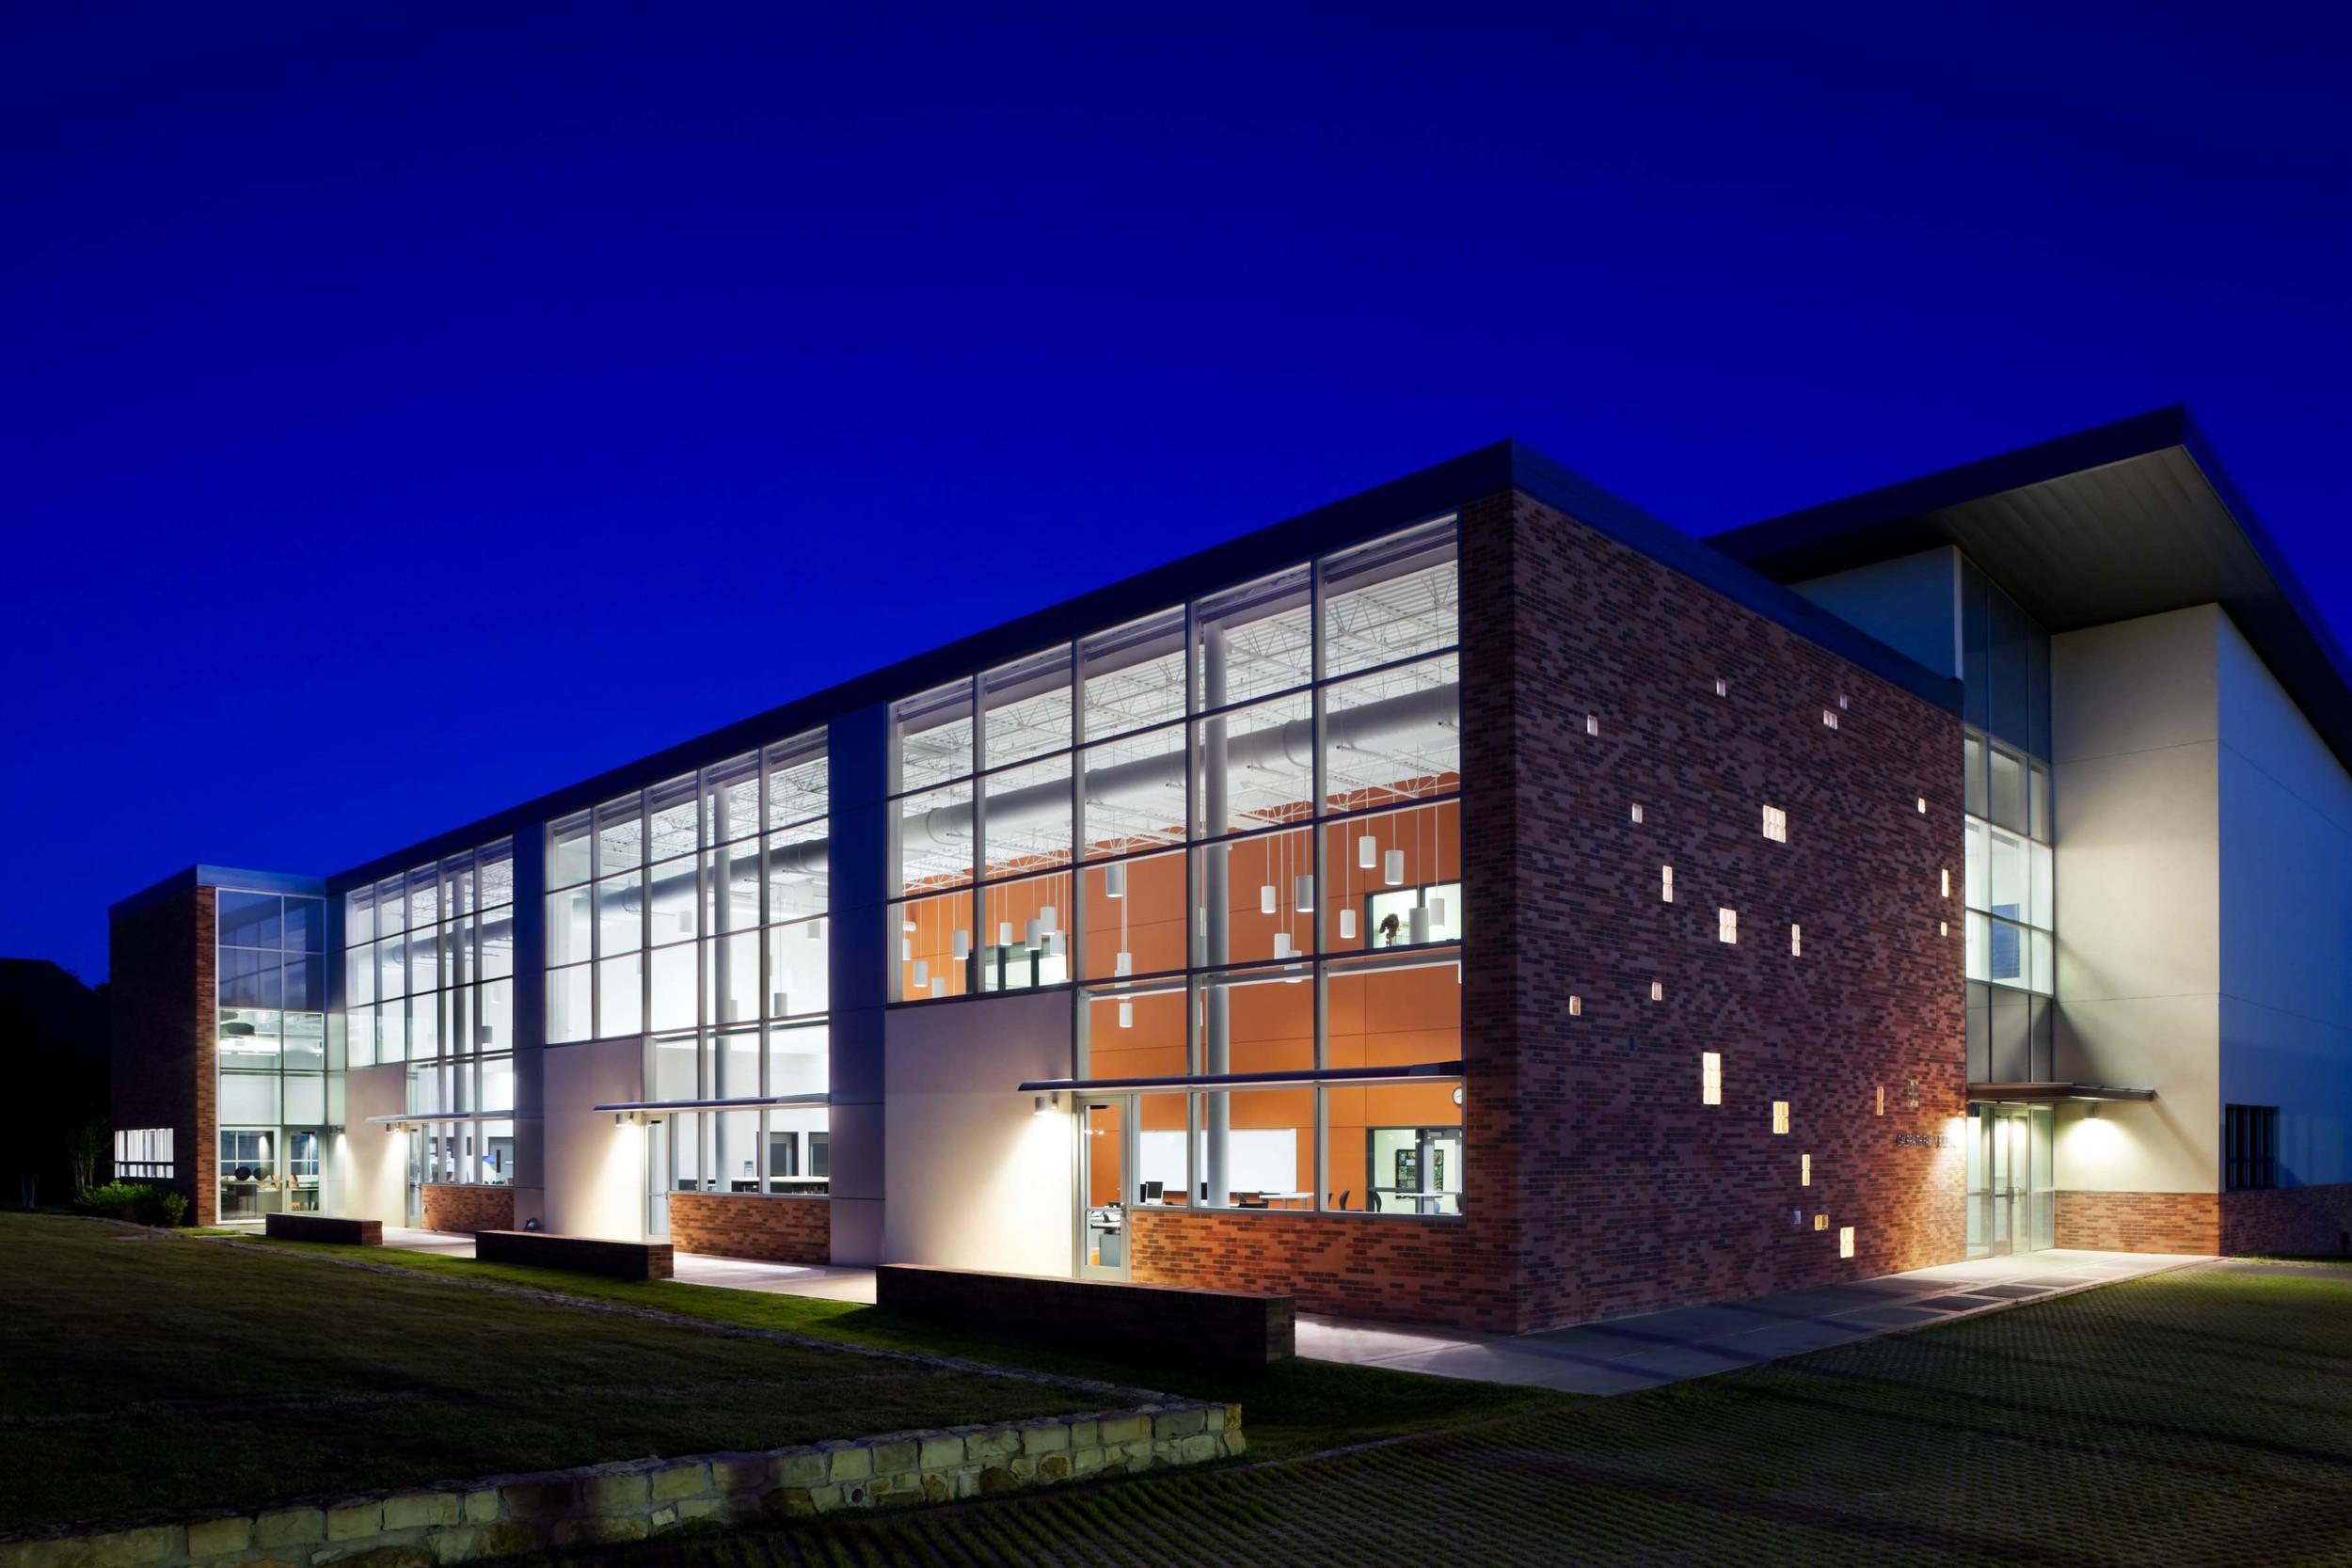 St. Alcuin Montessori School, Dallas, TX